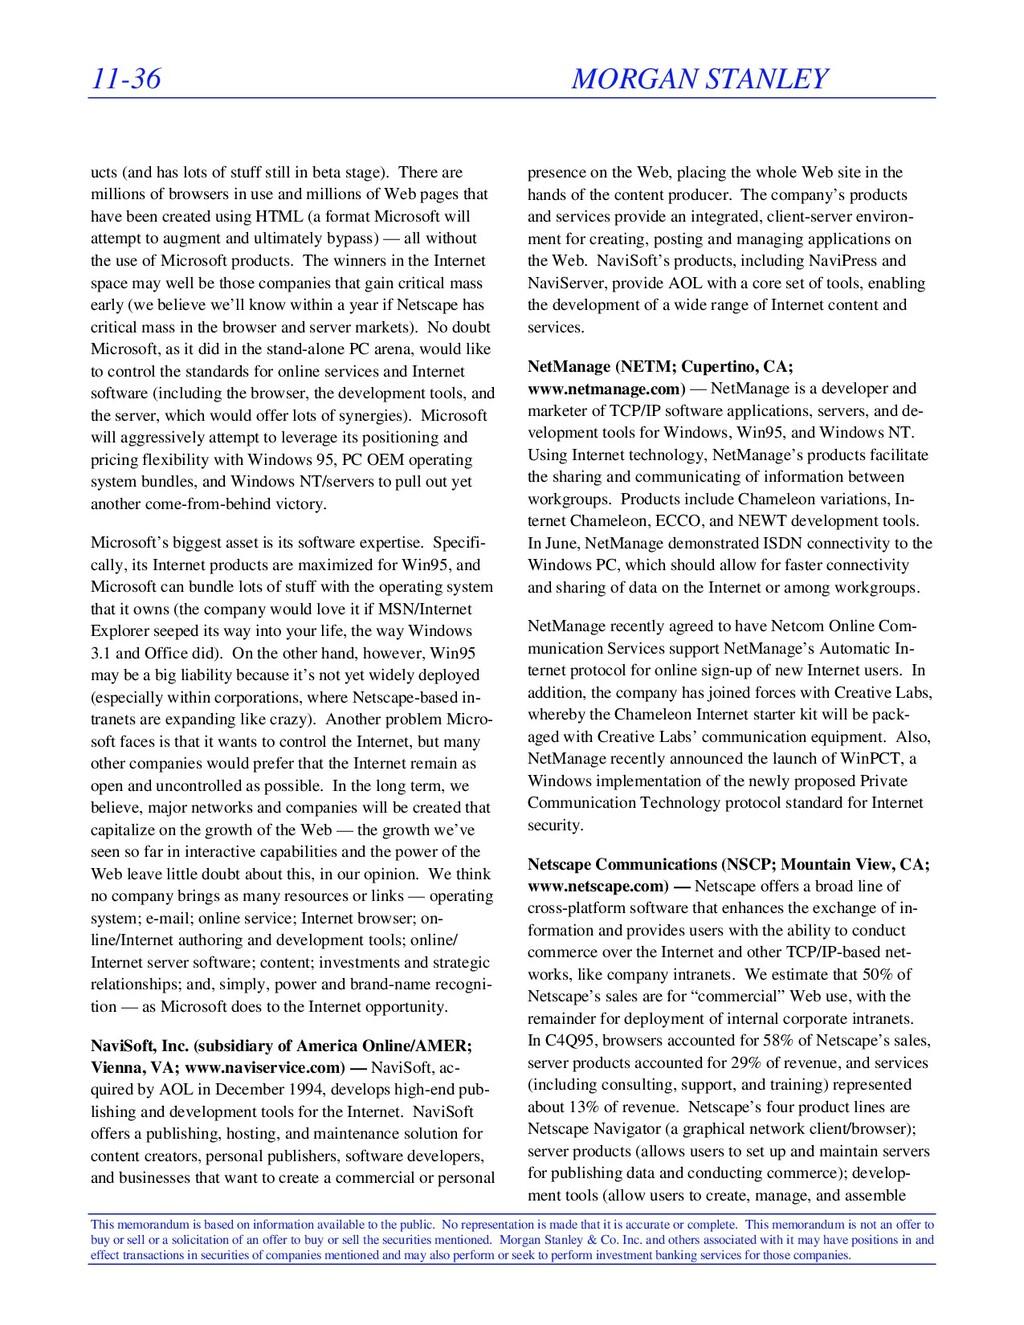 11-36 MORGAN STANLEY This memorandum is based o...